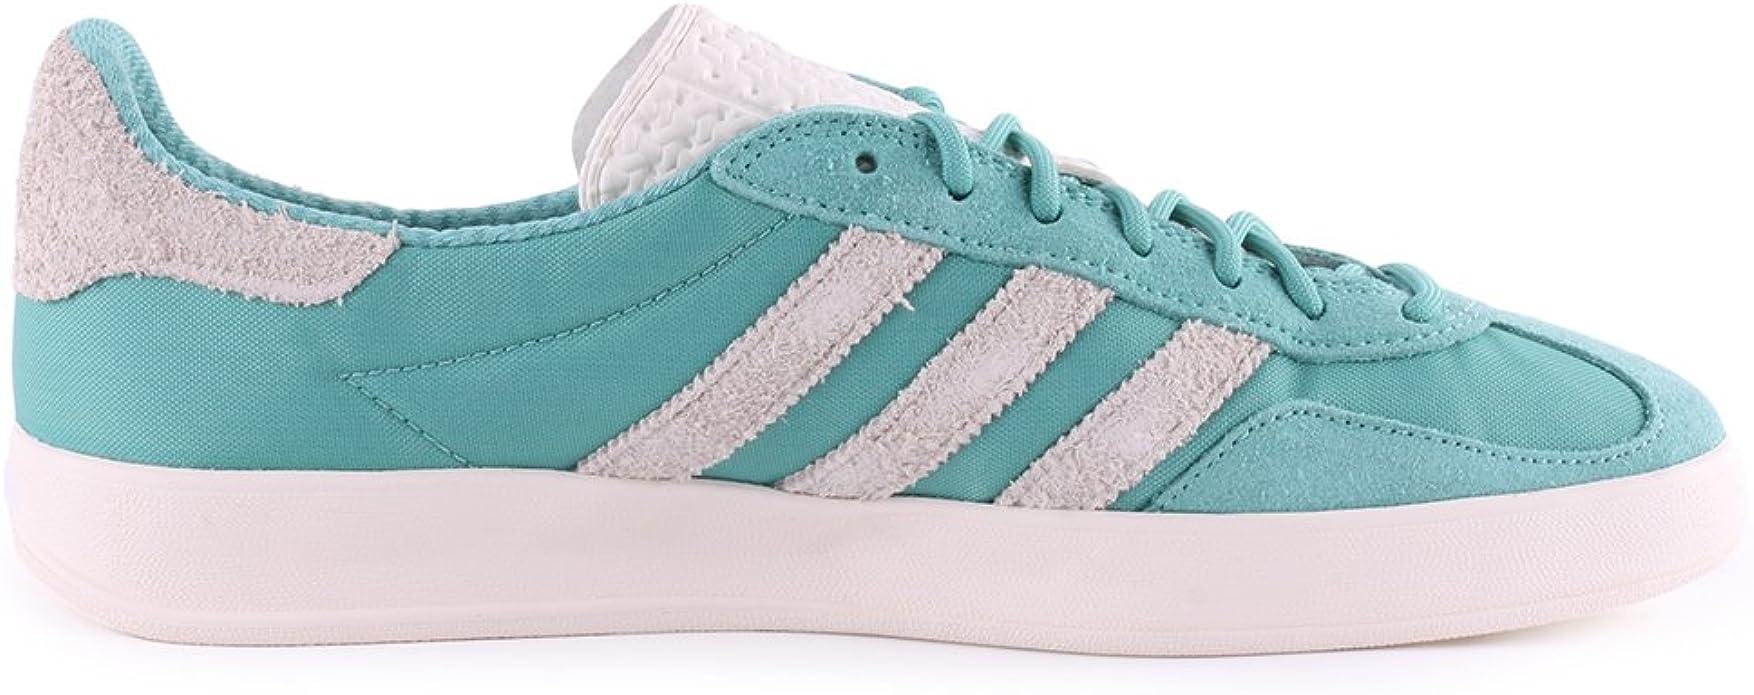 Adidas Gazelle d'intérieur Baskets pour homme - Turquoise - bleu ...